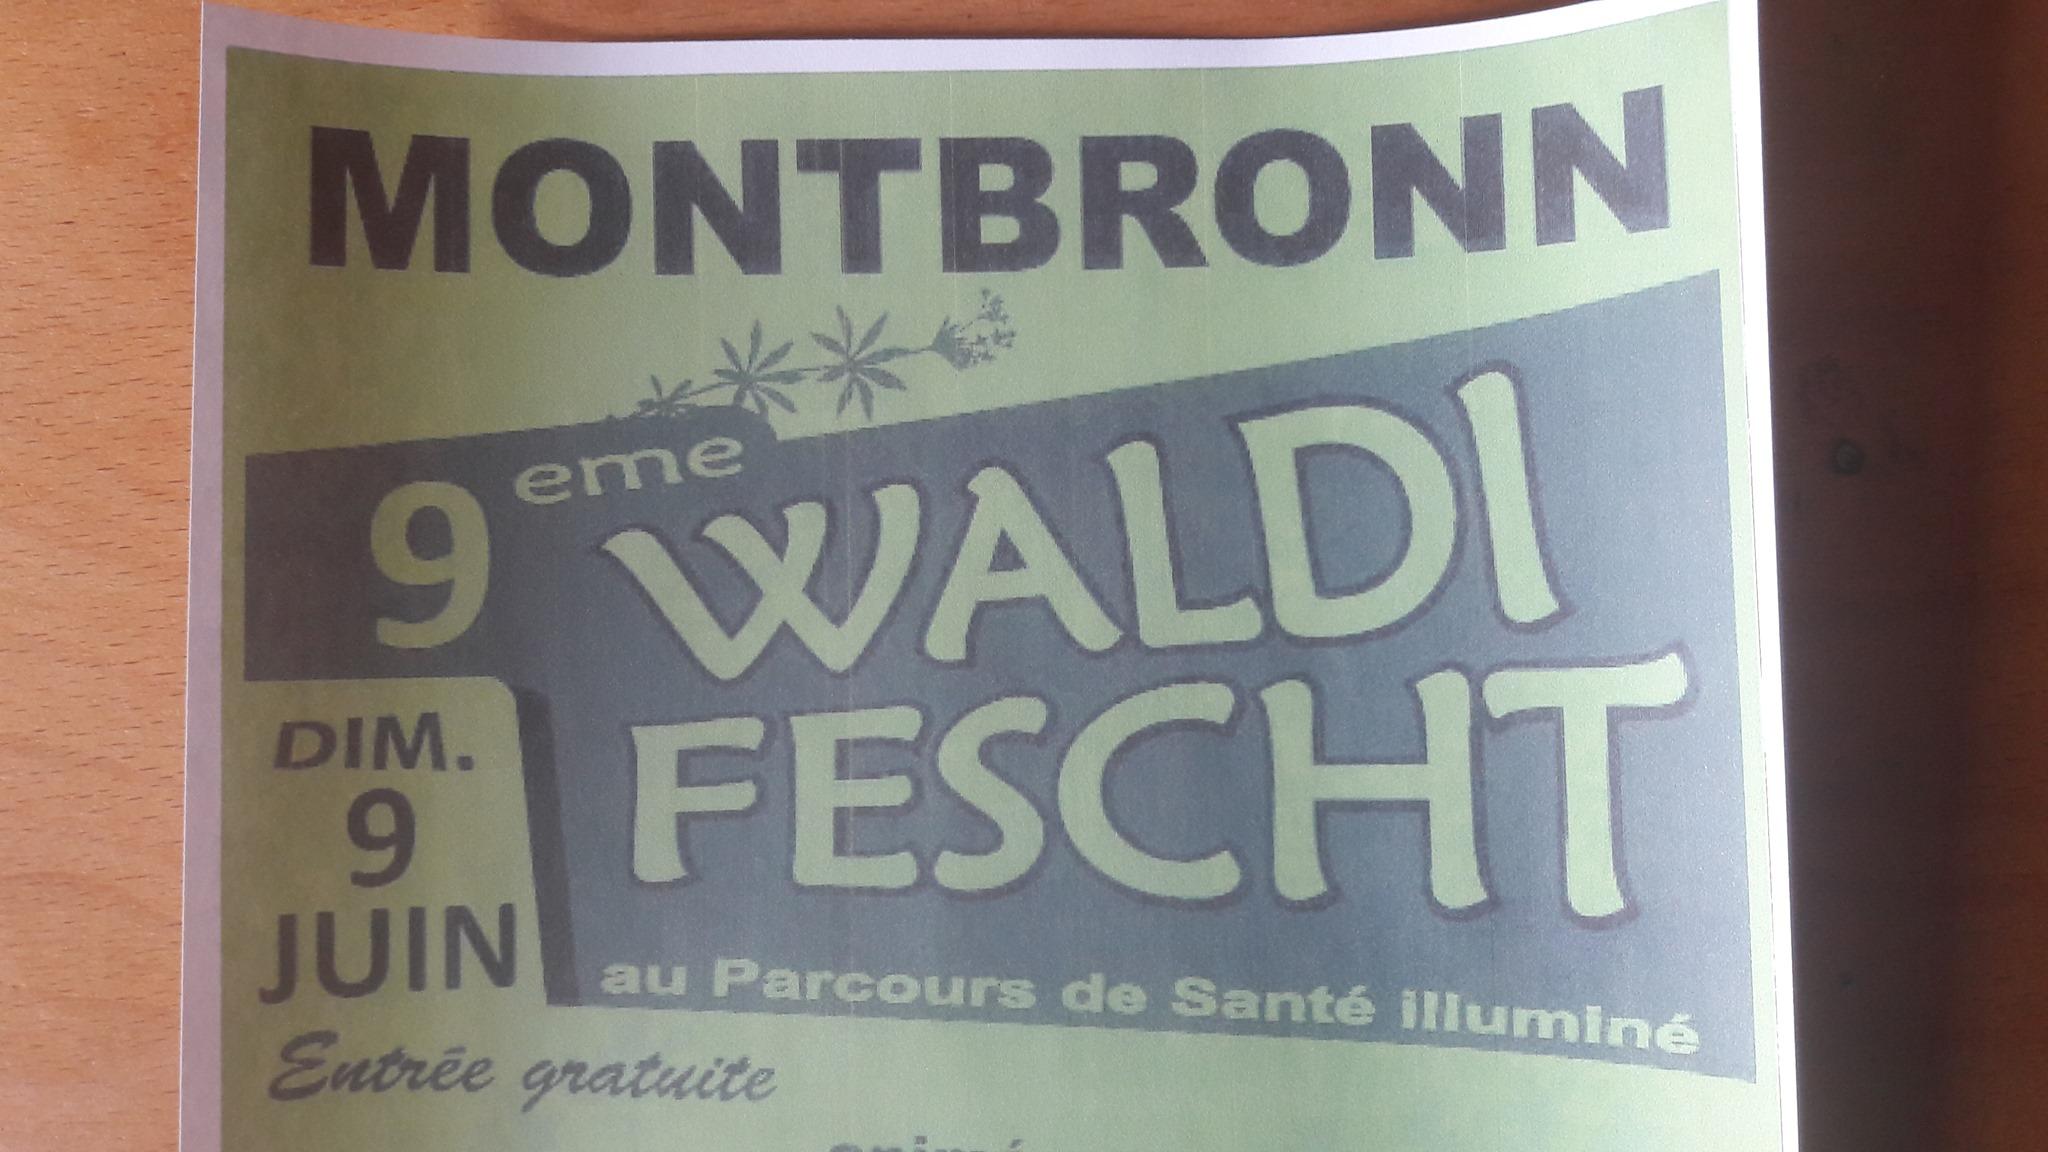 WALDIFESCHT